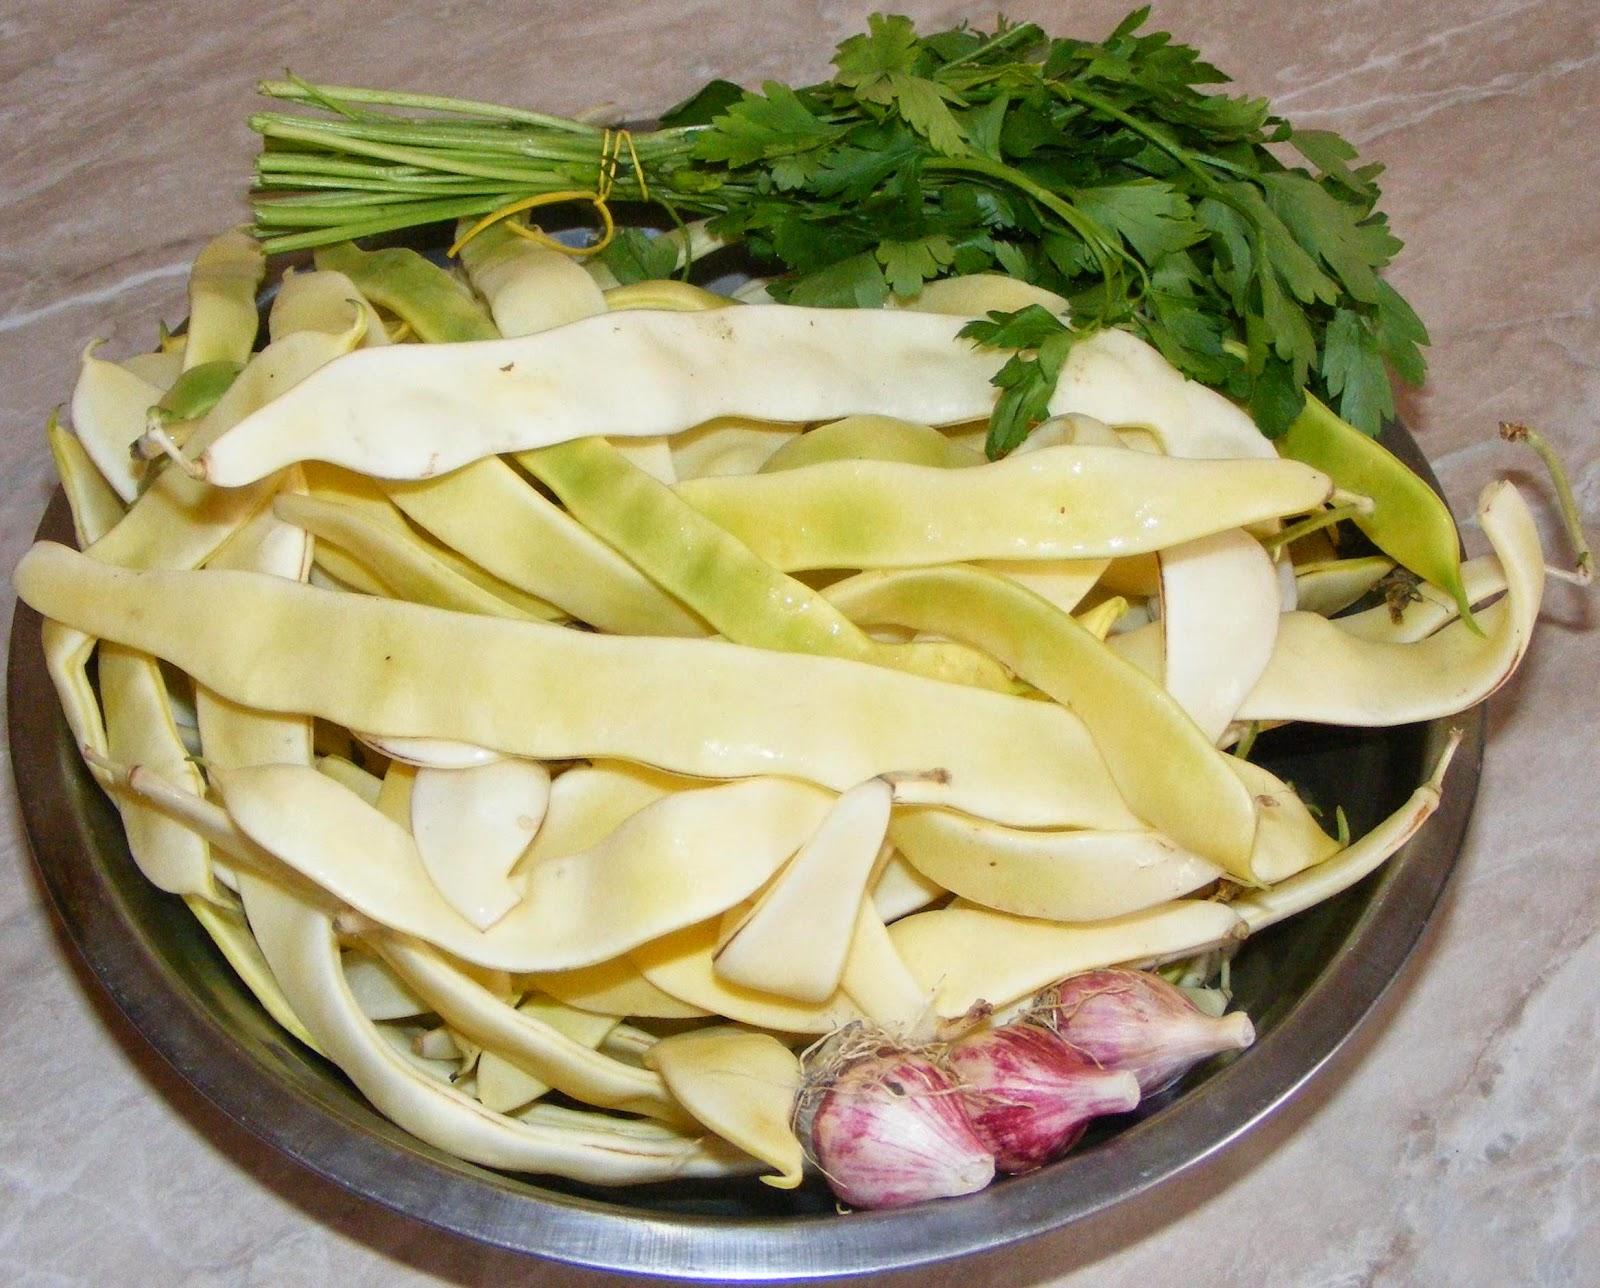 Salata de fasole verde ingrediente reteta,